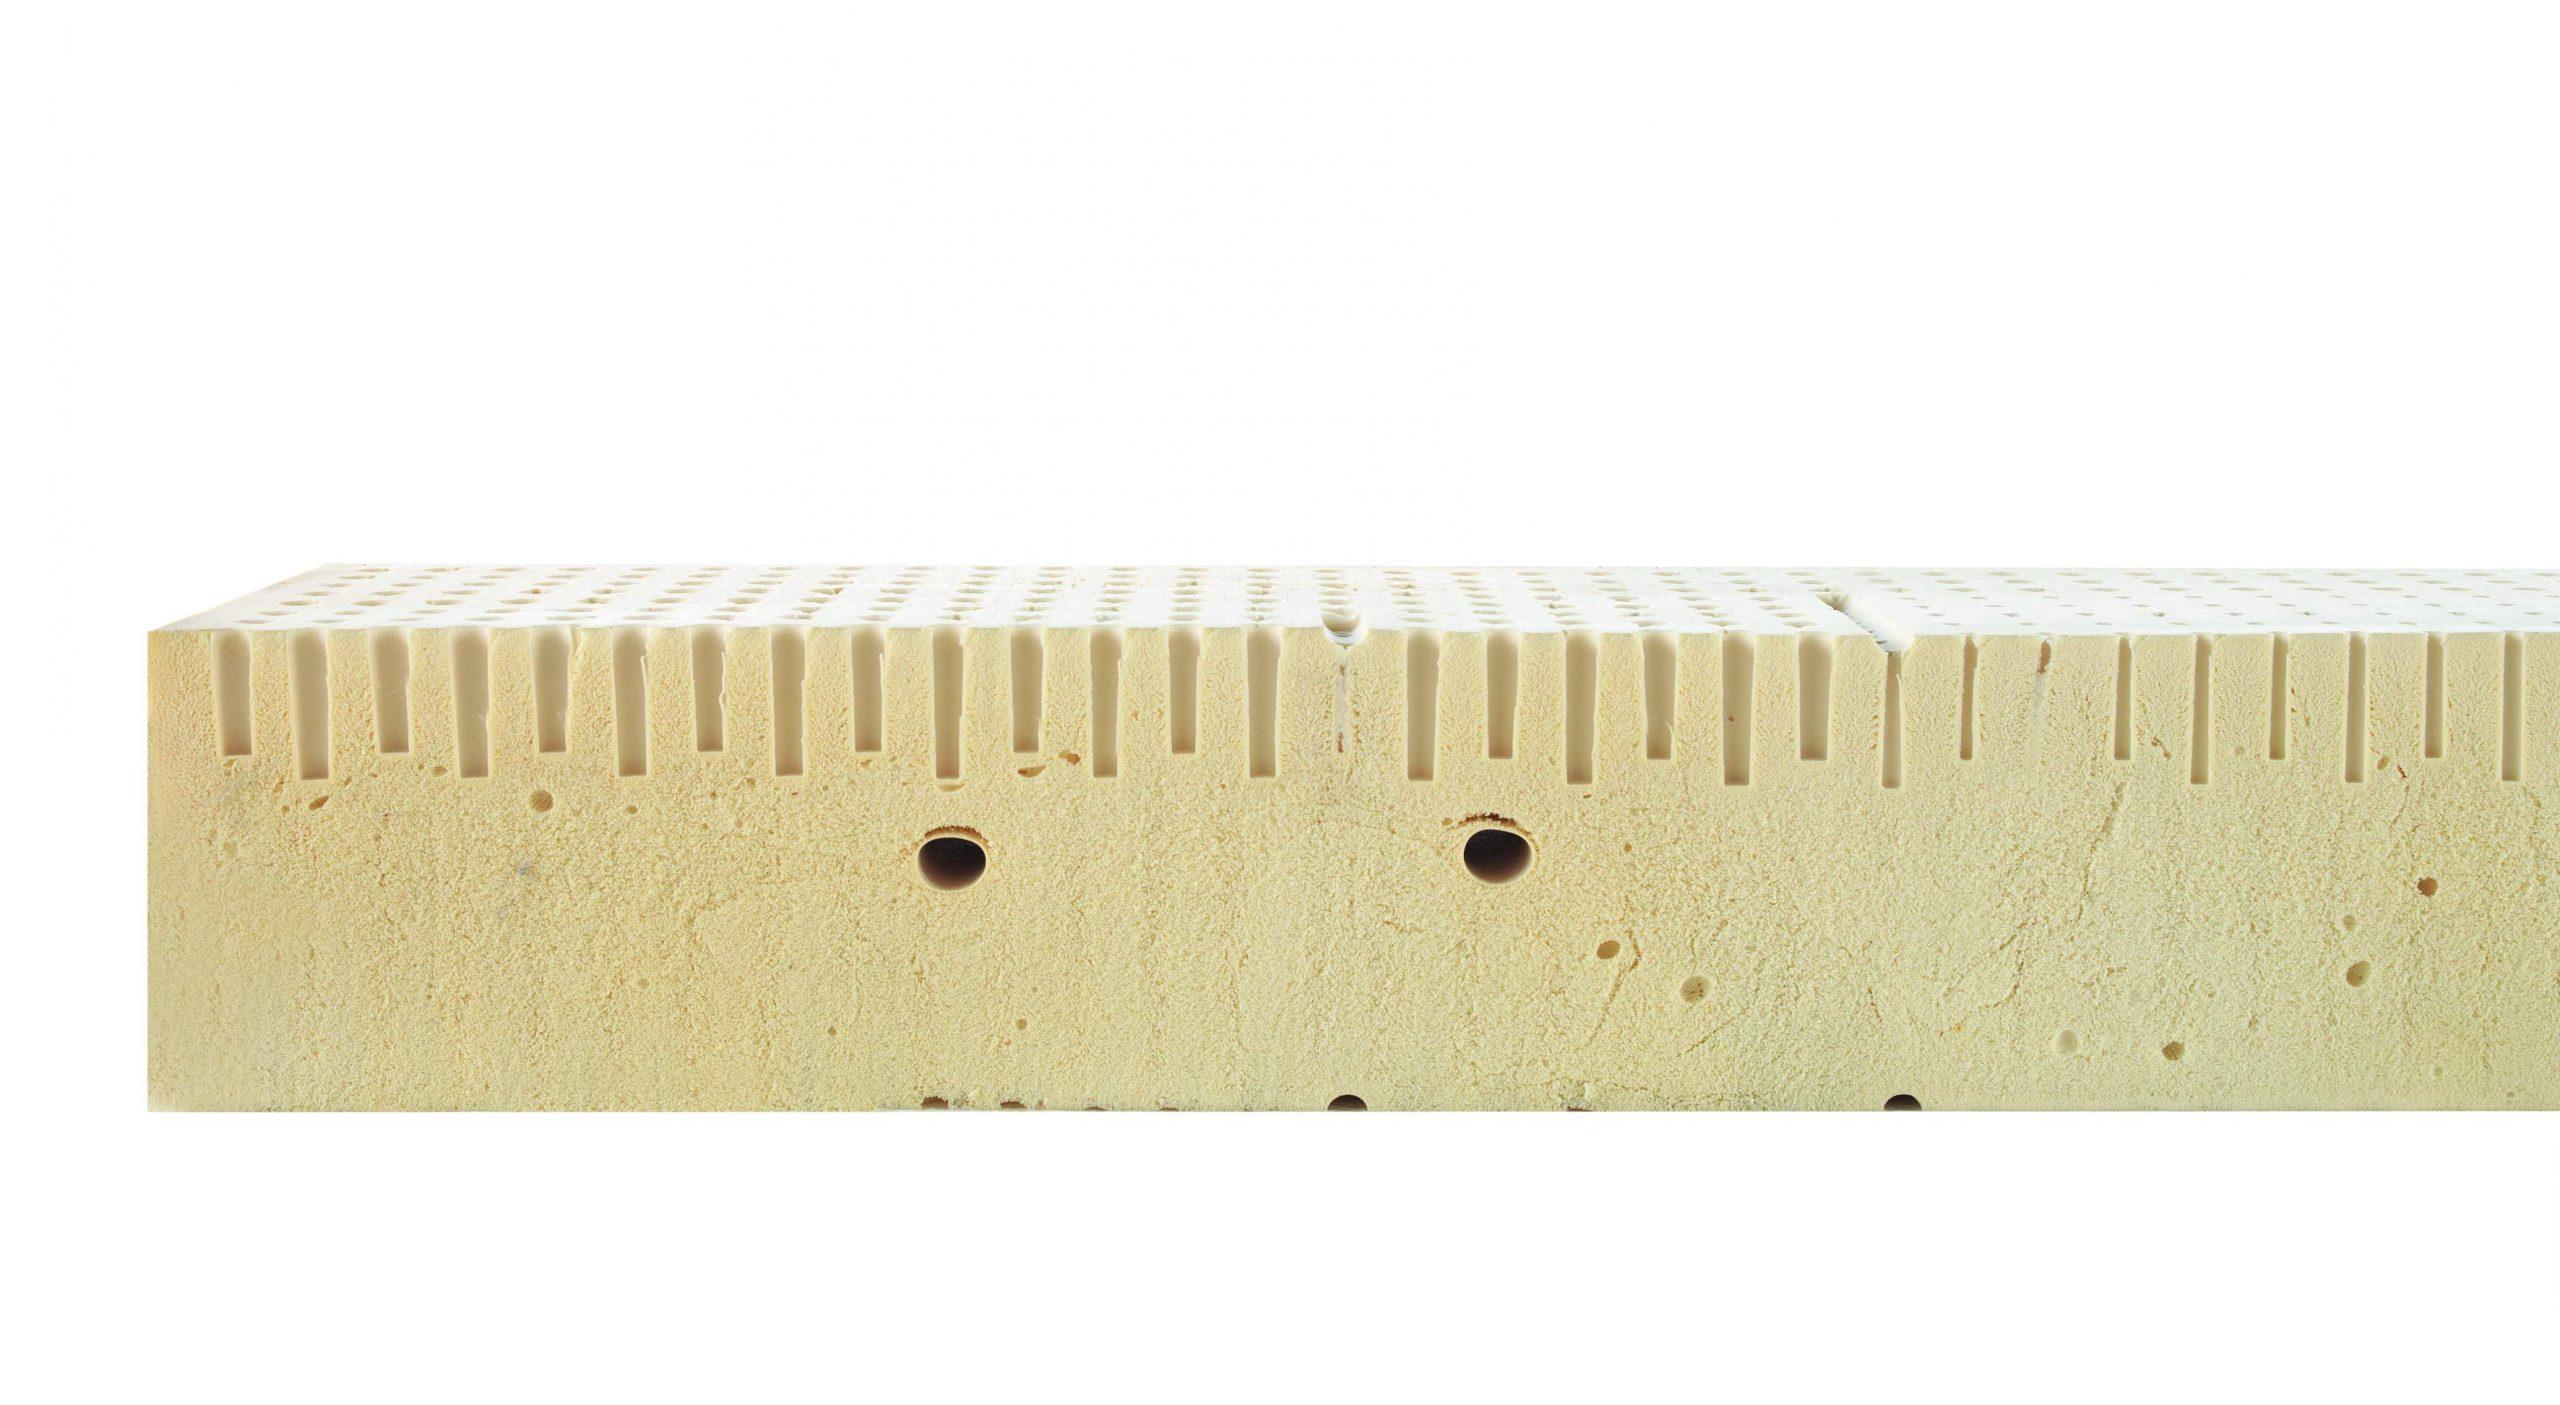 Perfil del colchon Latex de bonitex